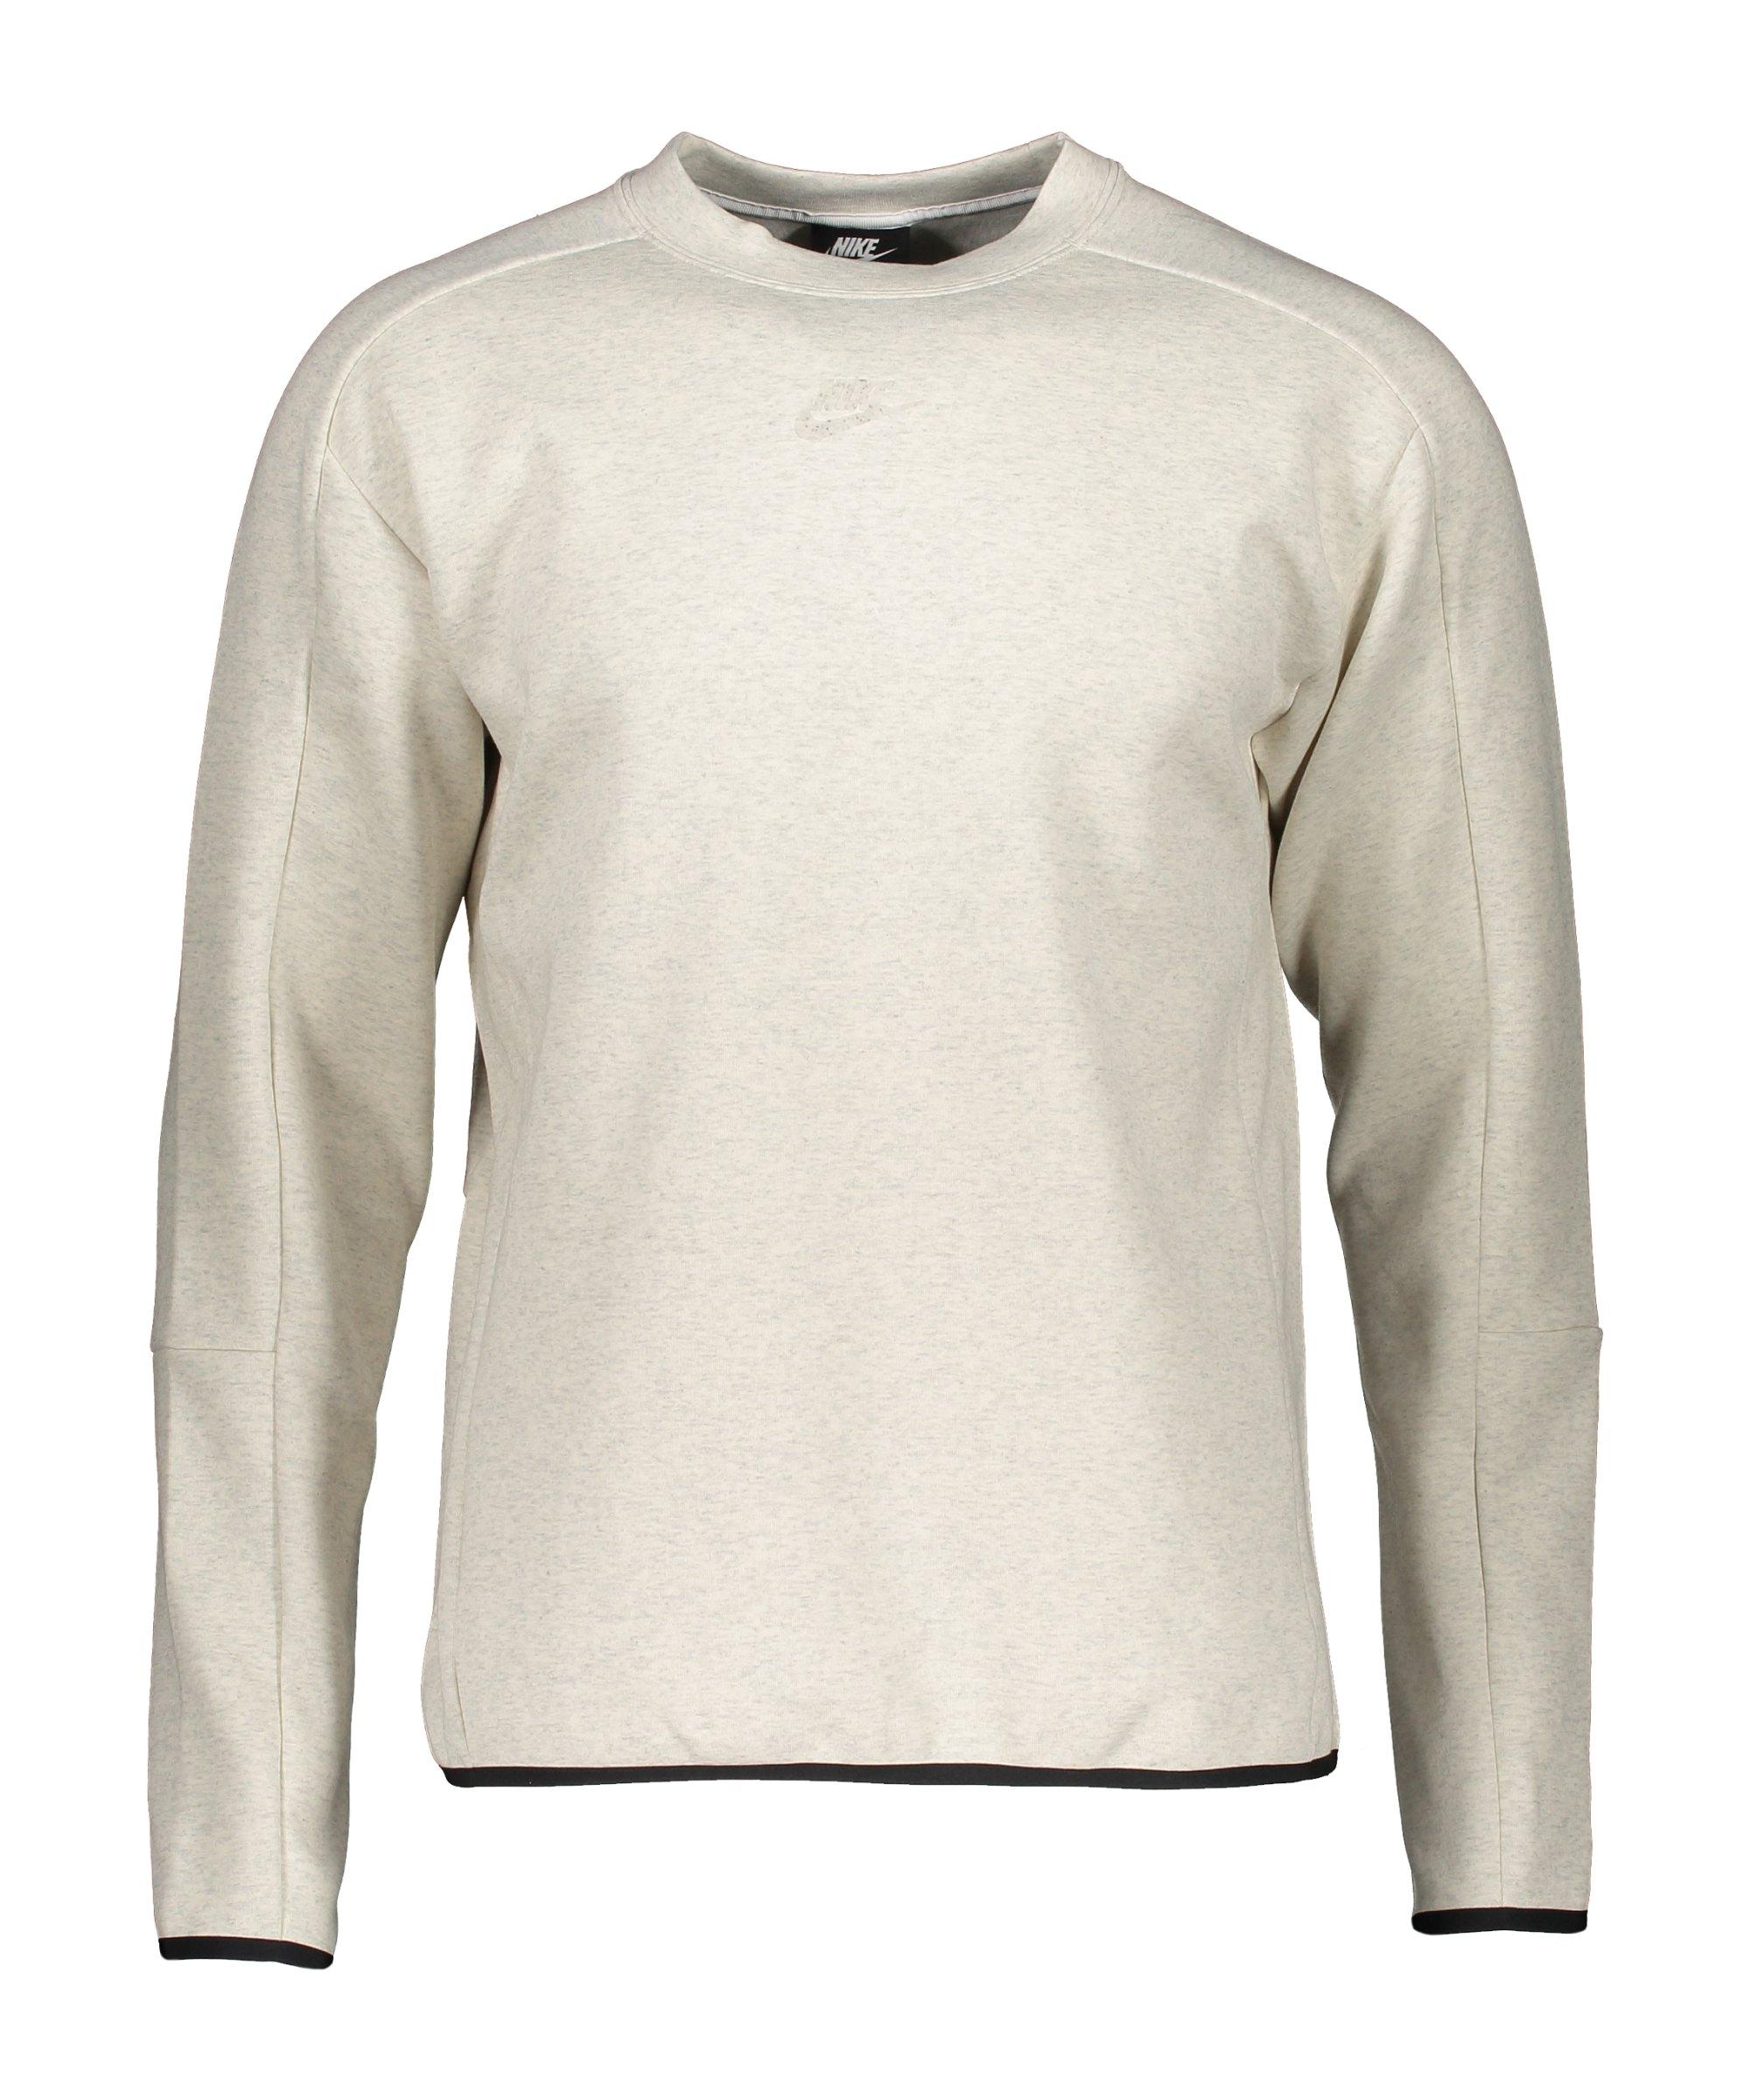 Nike Tech Fleece Crew Revival Sweatshirt F100 - beige